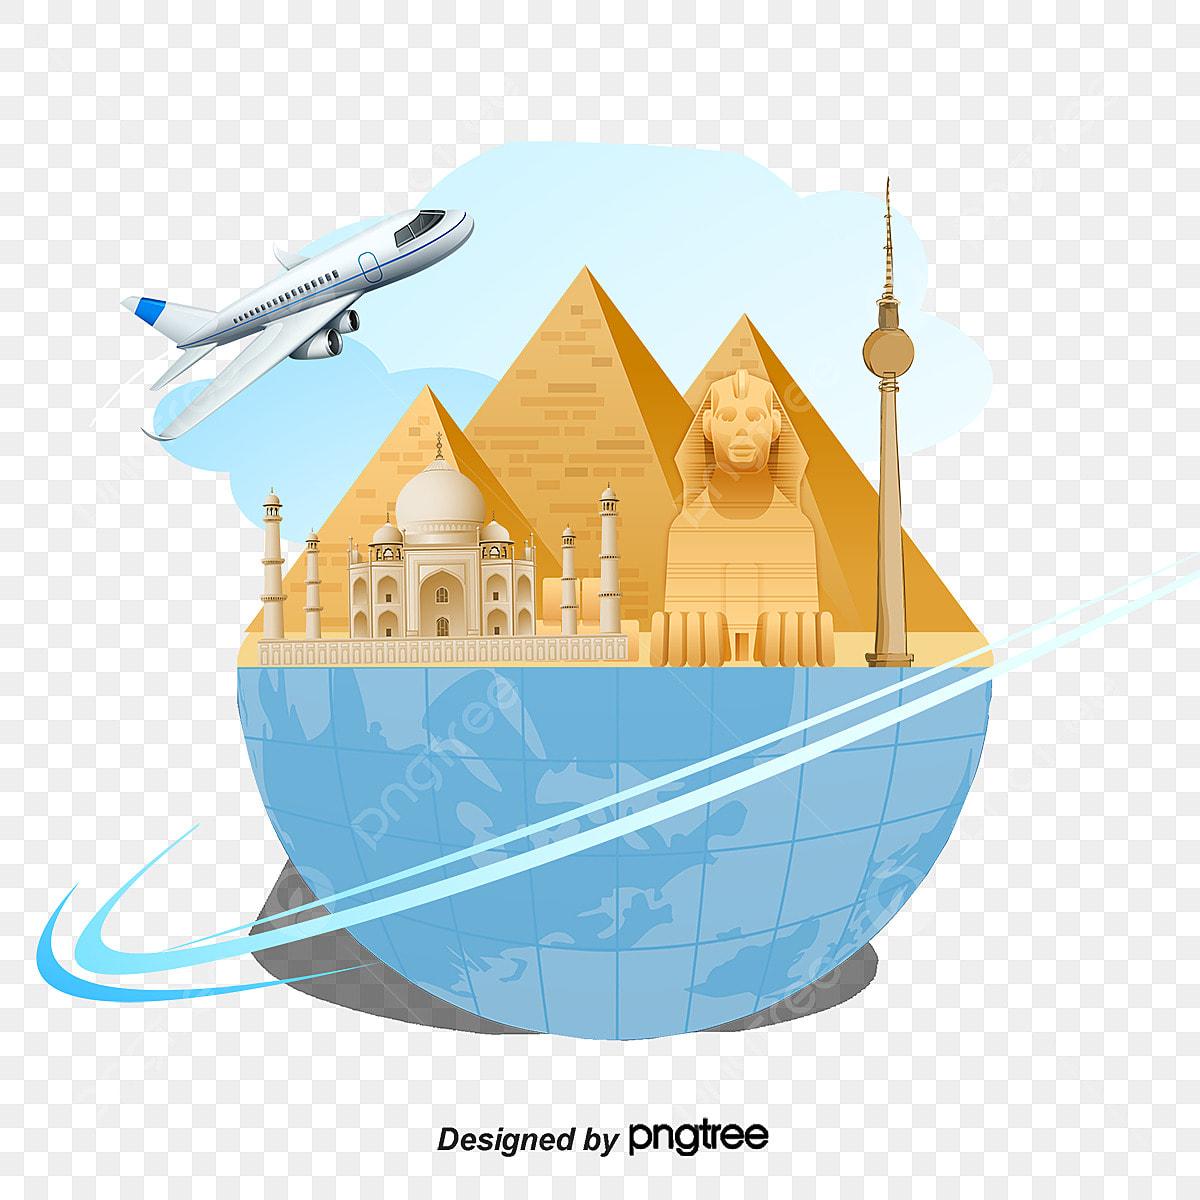 d u00e9coration architecturale des attractions de l  u00c9gypte d u00e9coration vecteur le tourisme png et